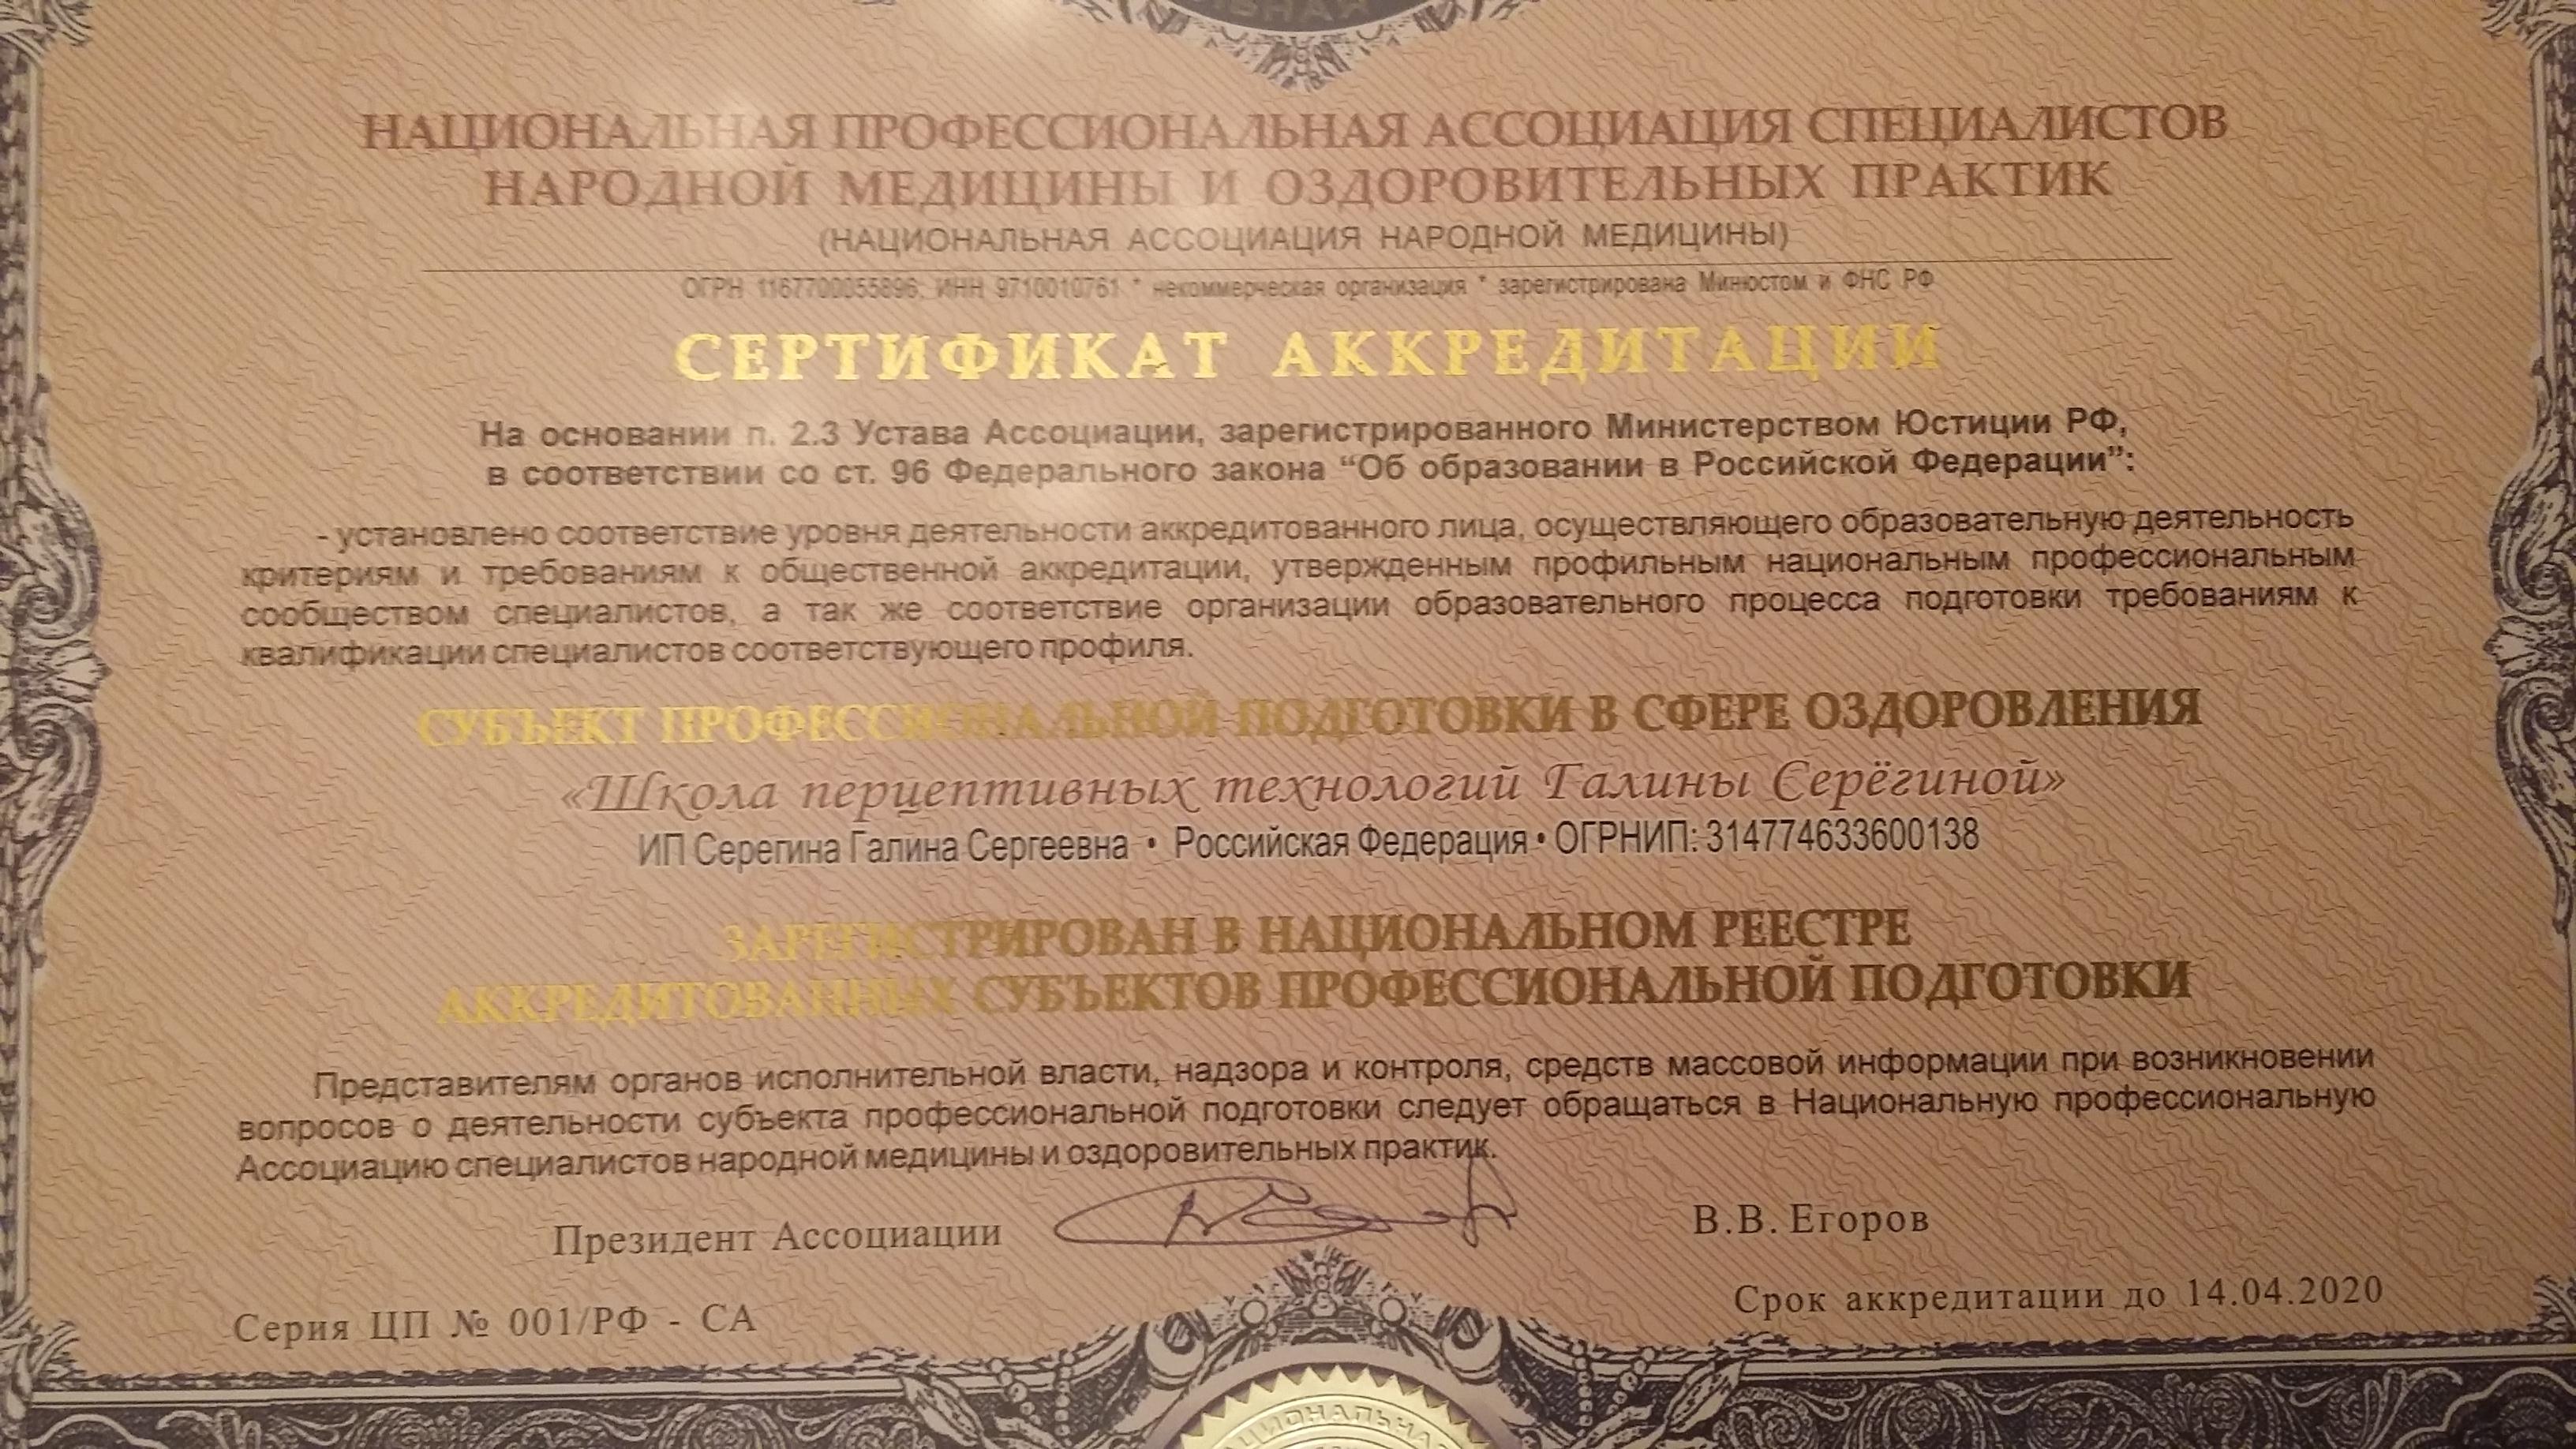 Сертификат РАМН